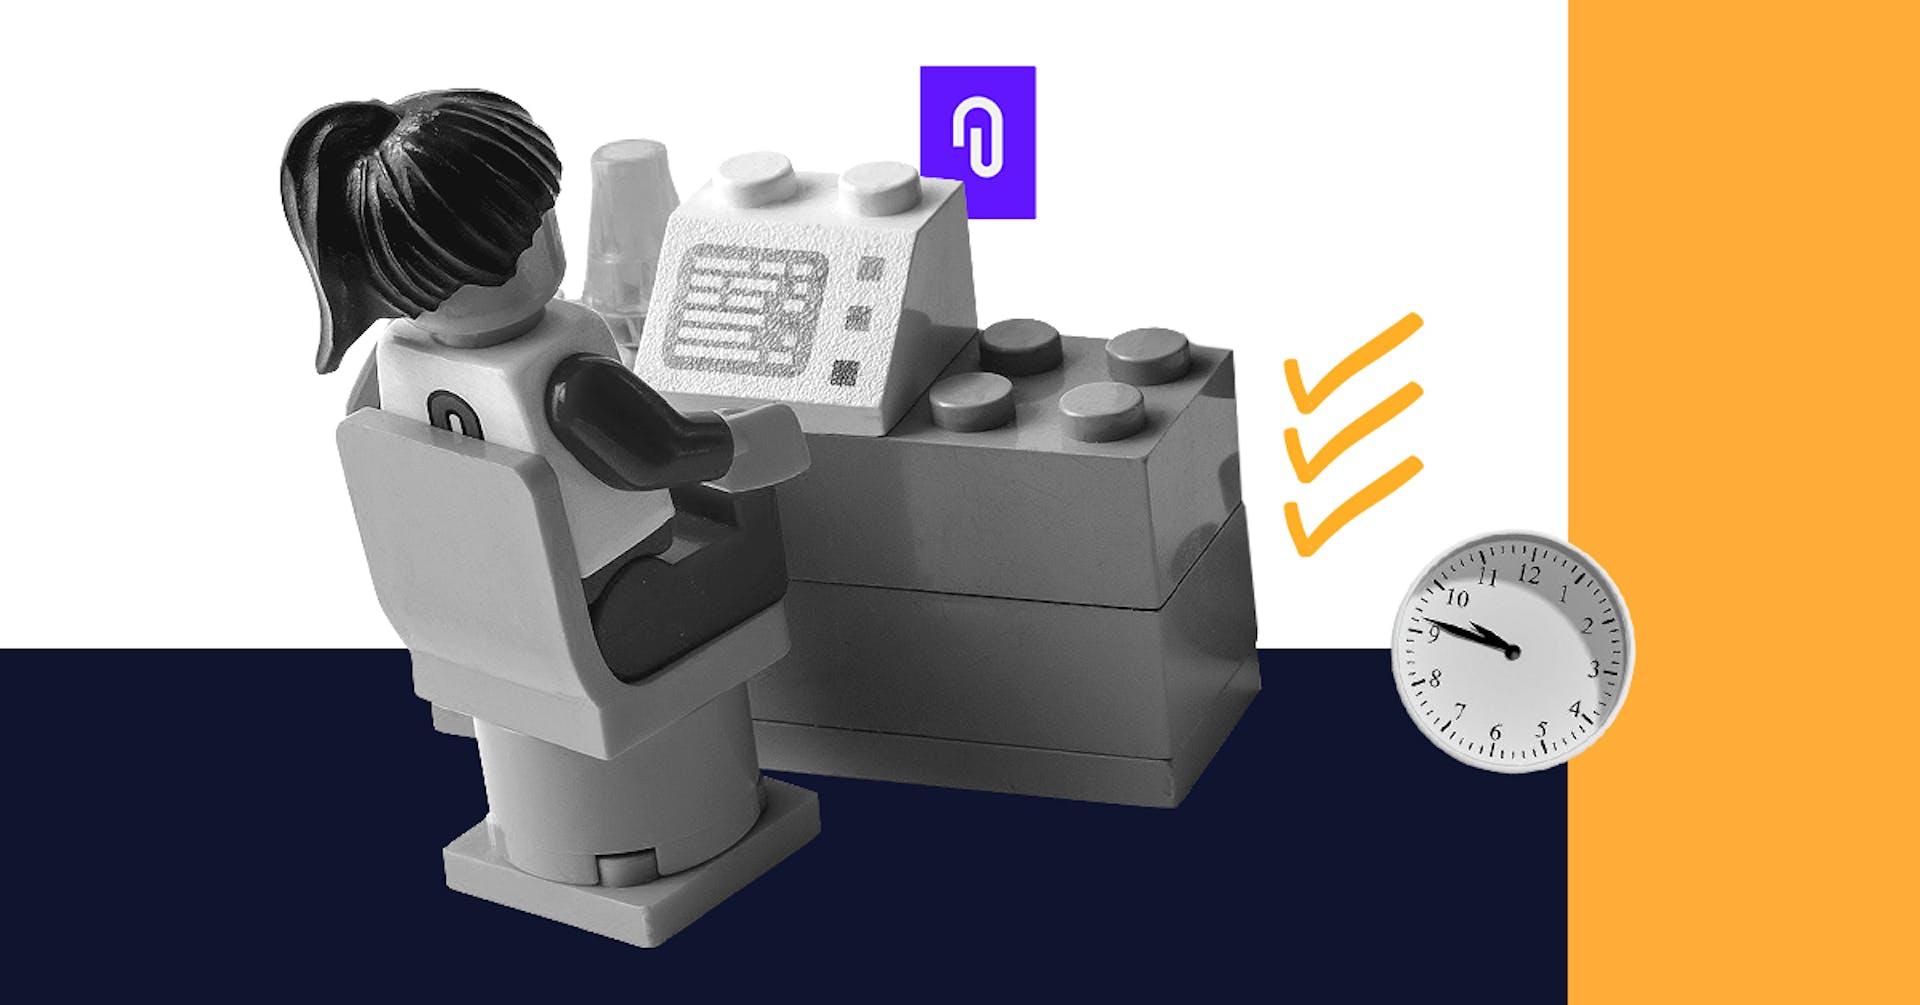 Tendencias en evaluación de desempeño: ¿Cómo medir a tu equipo de trabajo?